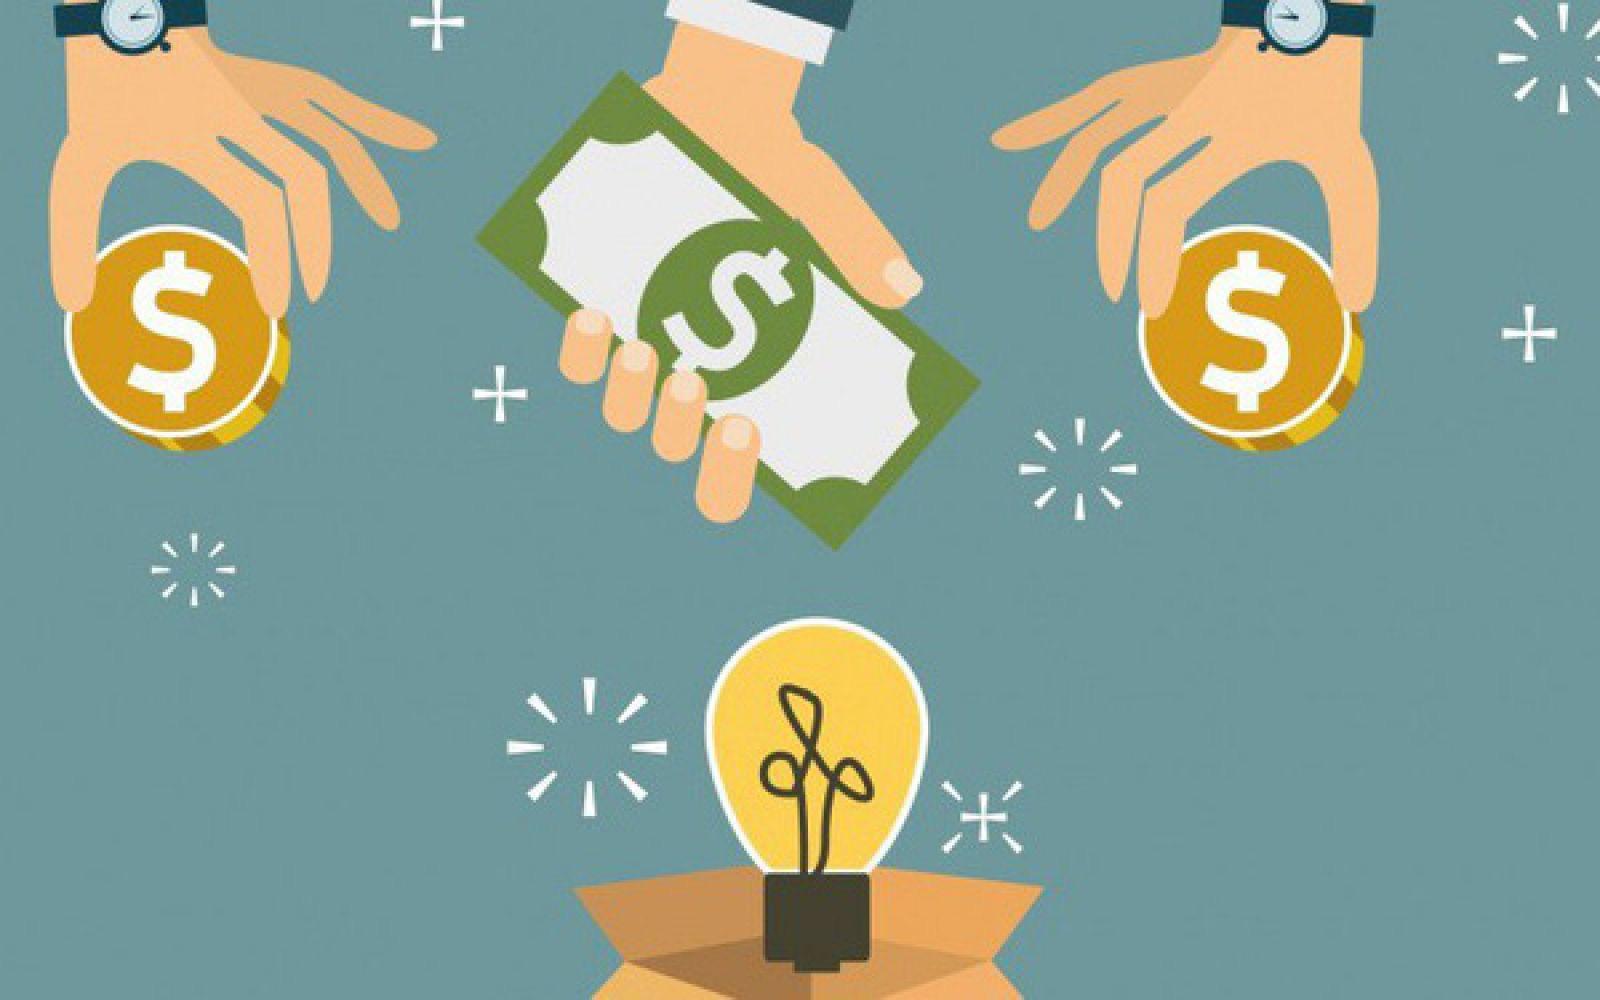 Bảo toàn vốn lưu động (Working Capital Preservation) là gì? Các biện pháp  bảo toàn vốn lưu động